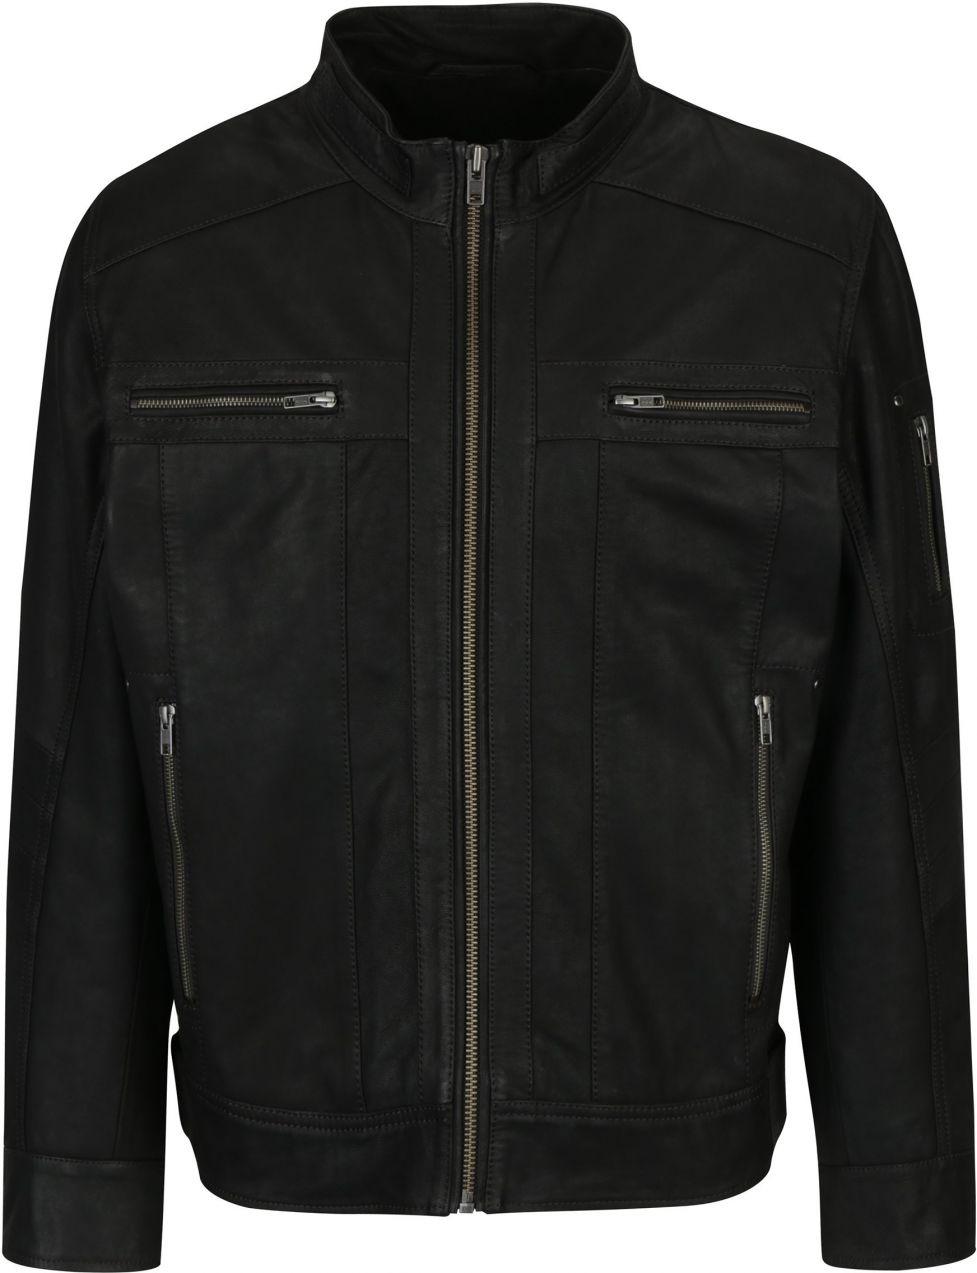 Tmavohnedá pánska kožená bunda KARA Joe značky KARA - Lovely.sk 8842e63133